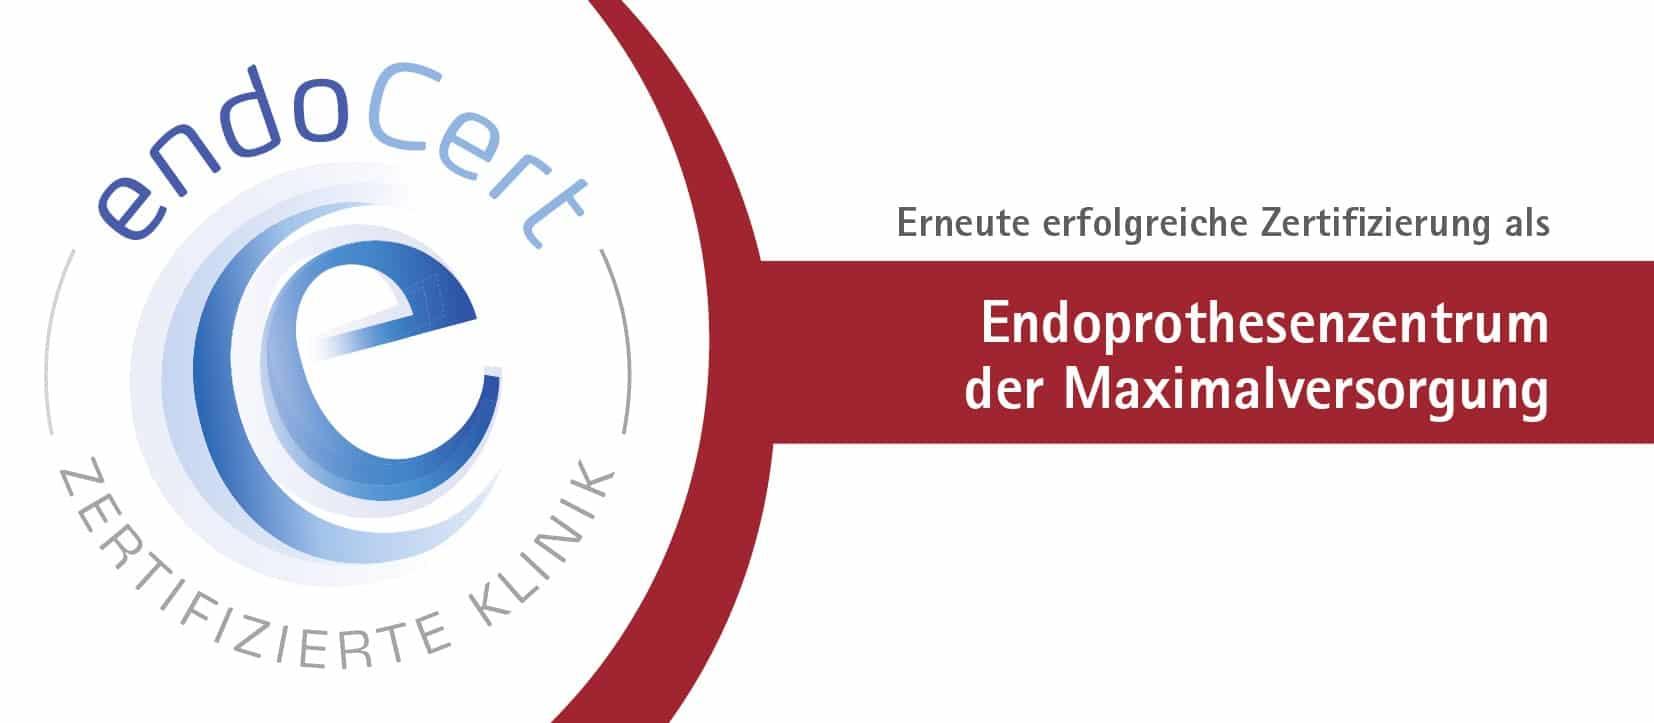 Gelenkzentrum Bergisch Land - Zertifizierung Endoprothesenzentrum der Maximalversorgung